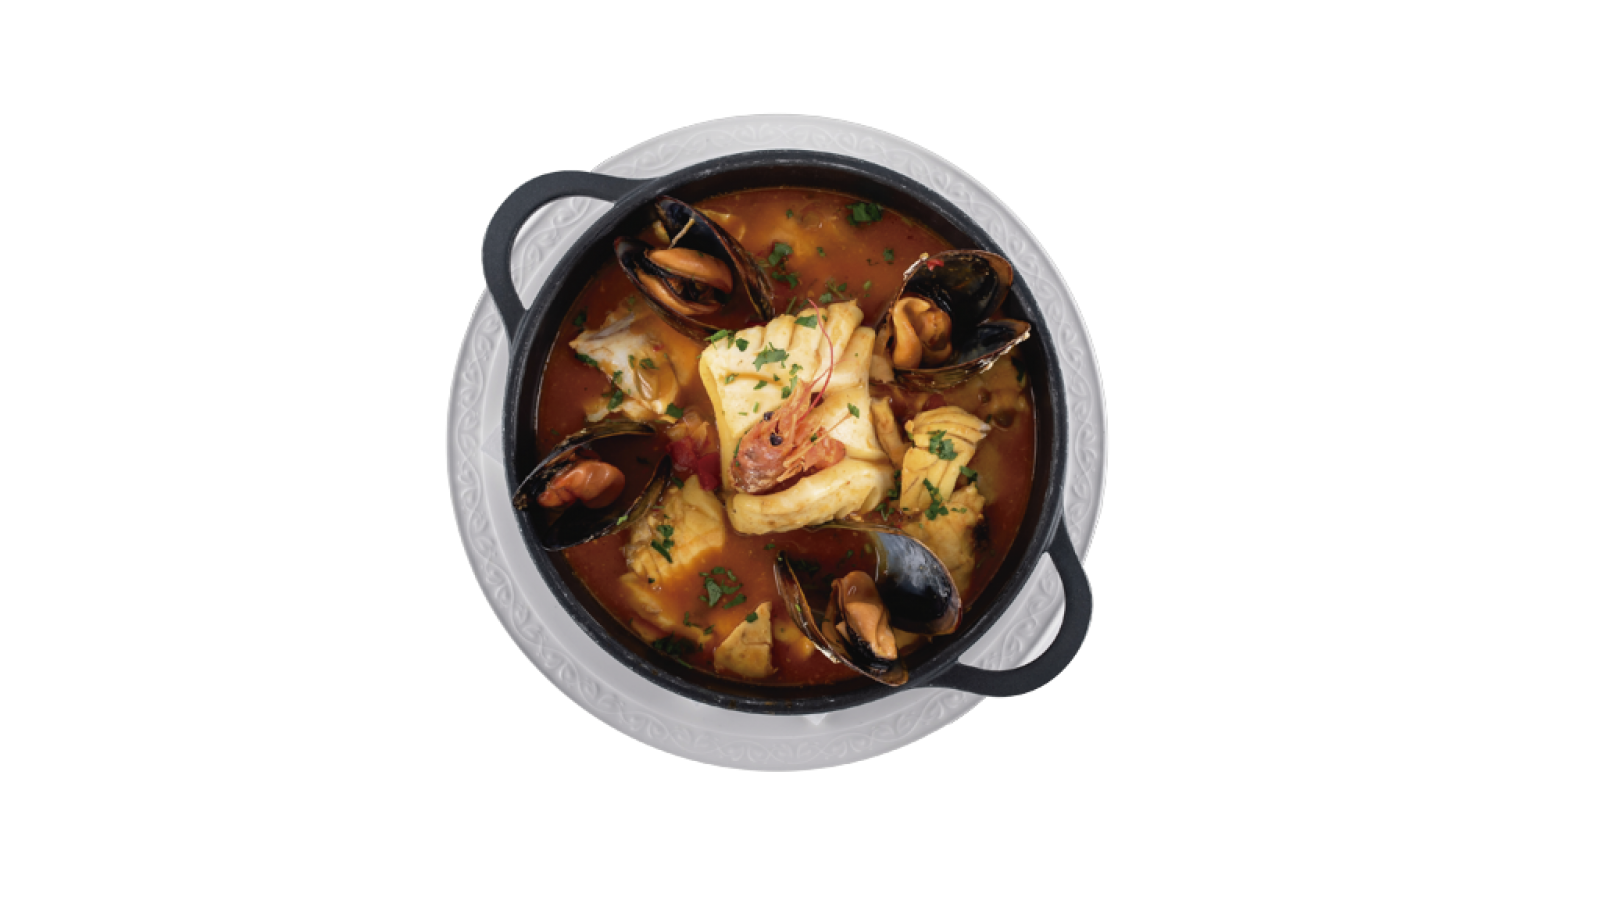 Zarzuela de pescado y mariscos